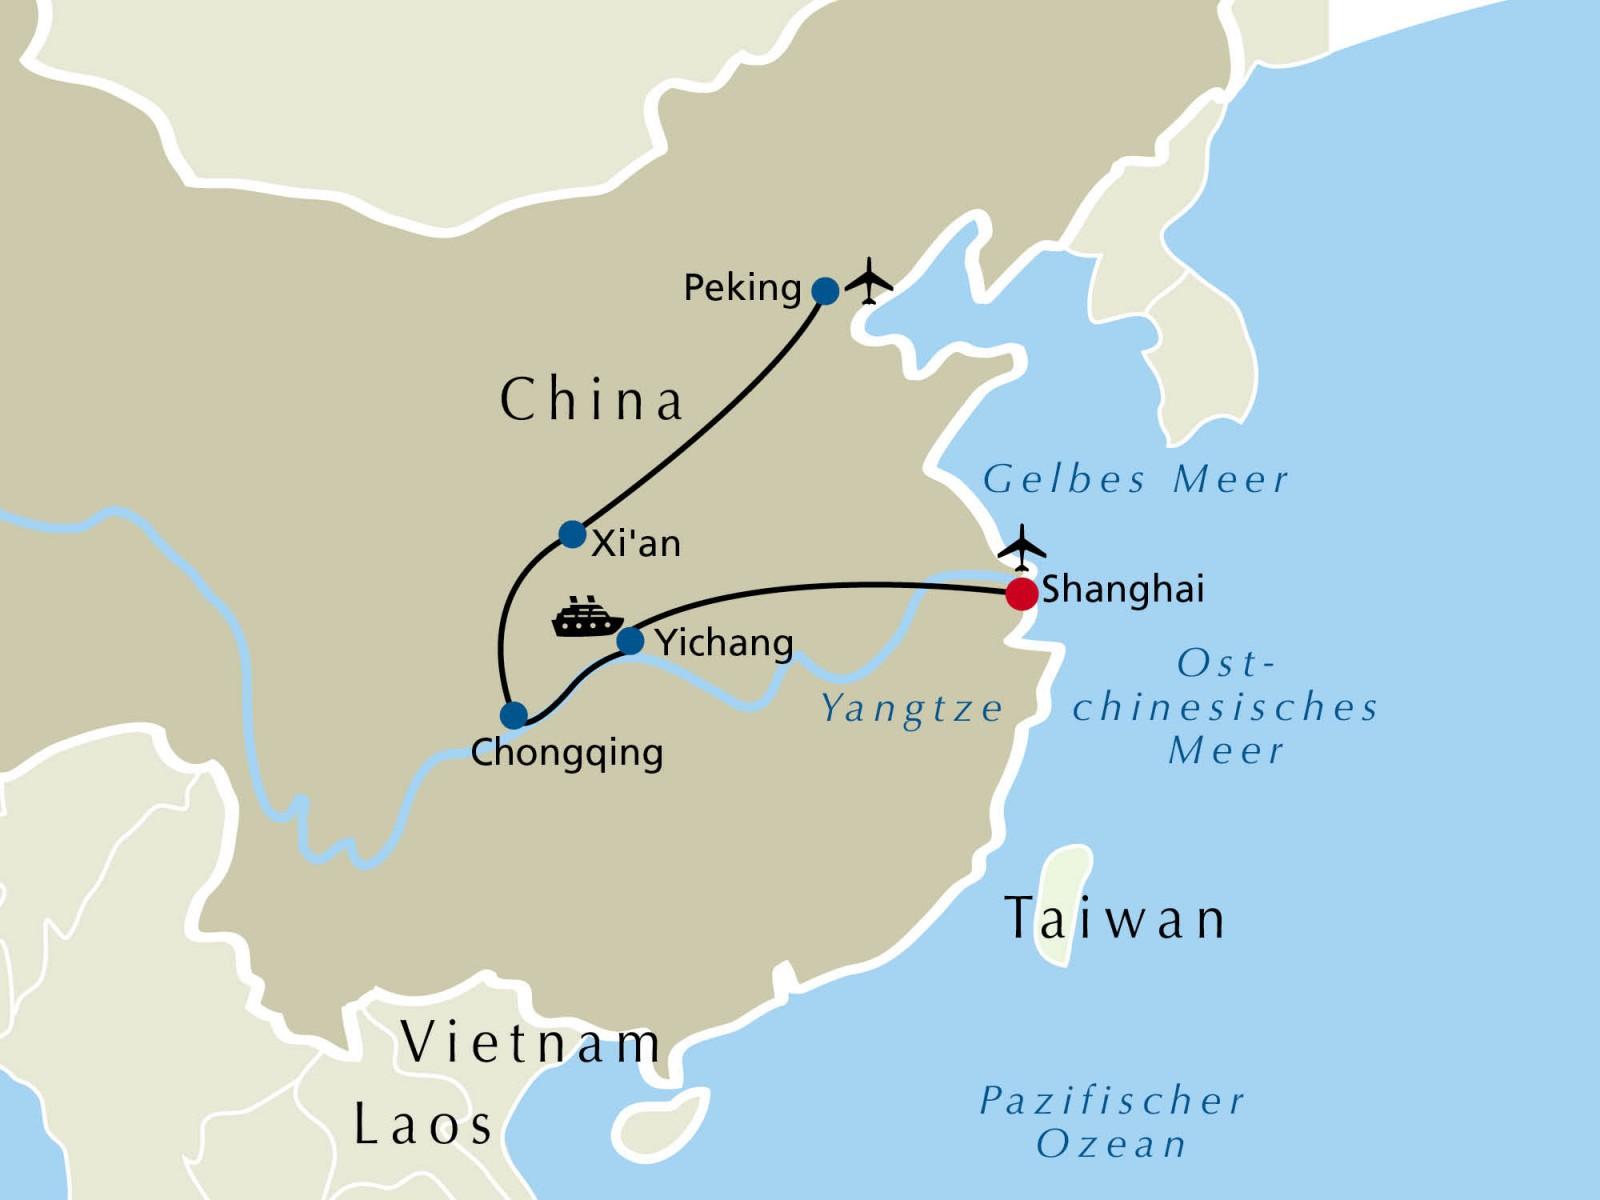 Die 10 Besten Chinesischen Restaurants in Shanghai